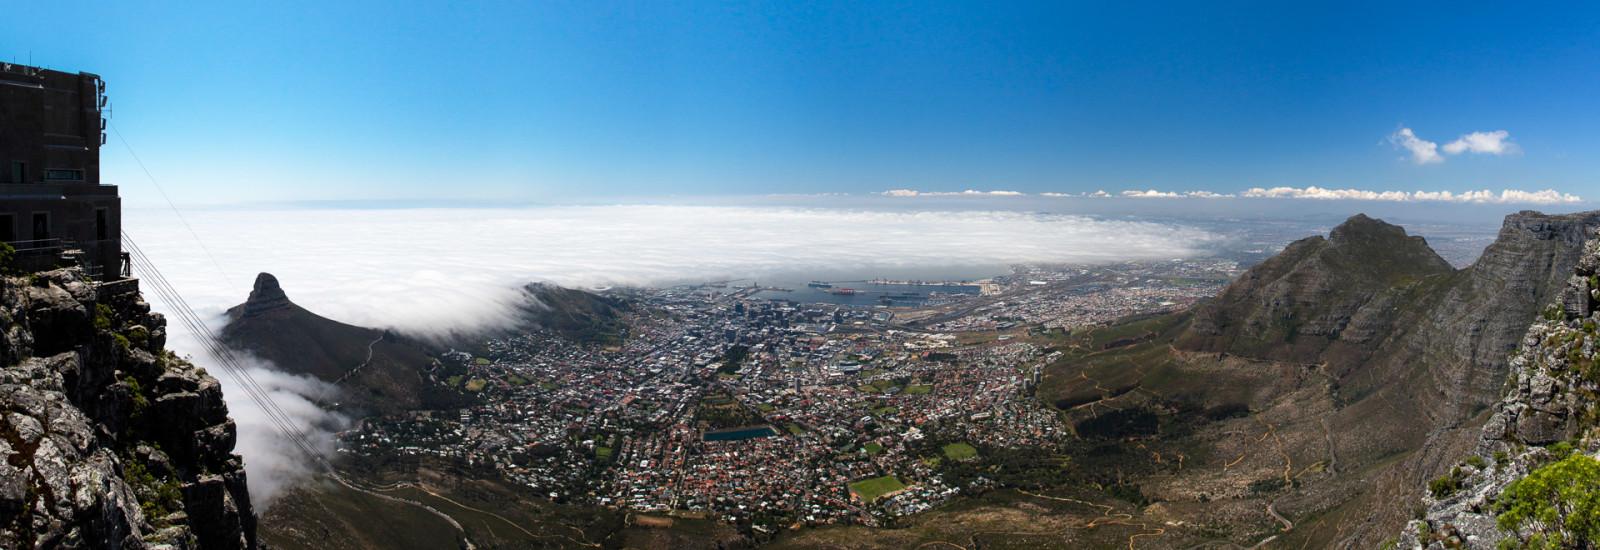 28.10. Tafelberg - Blick auf Kapstadt